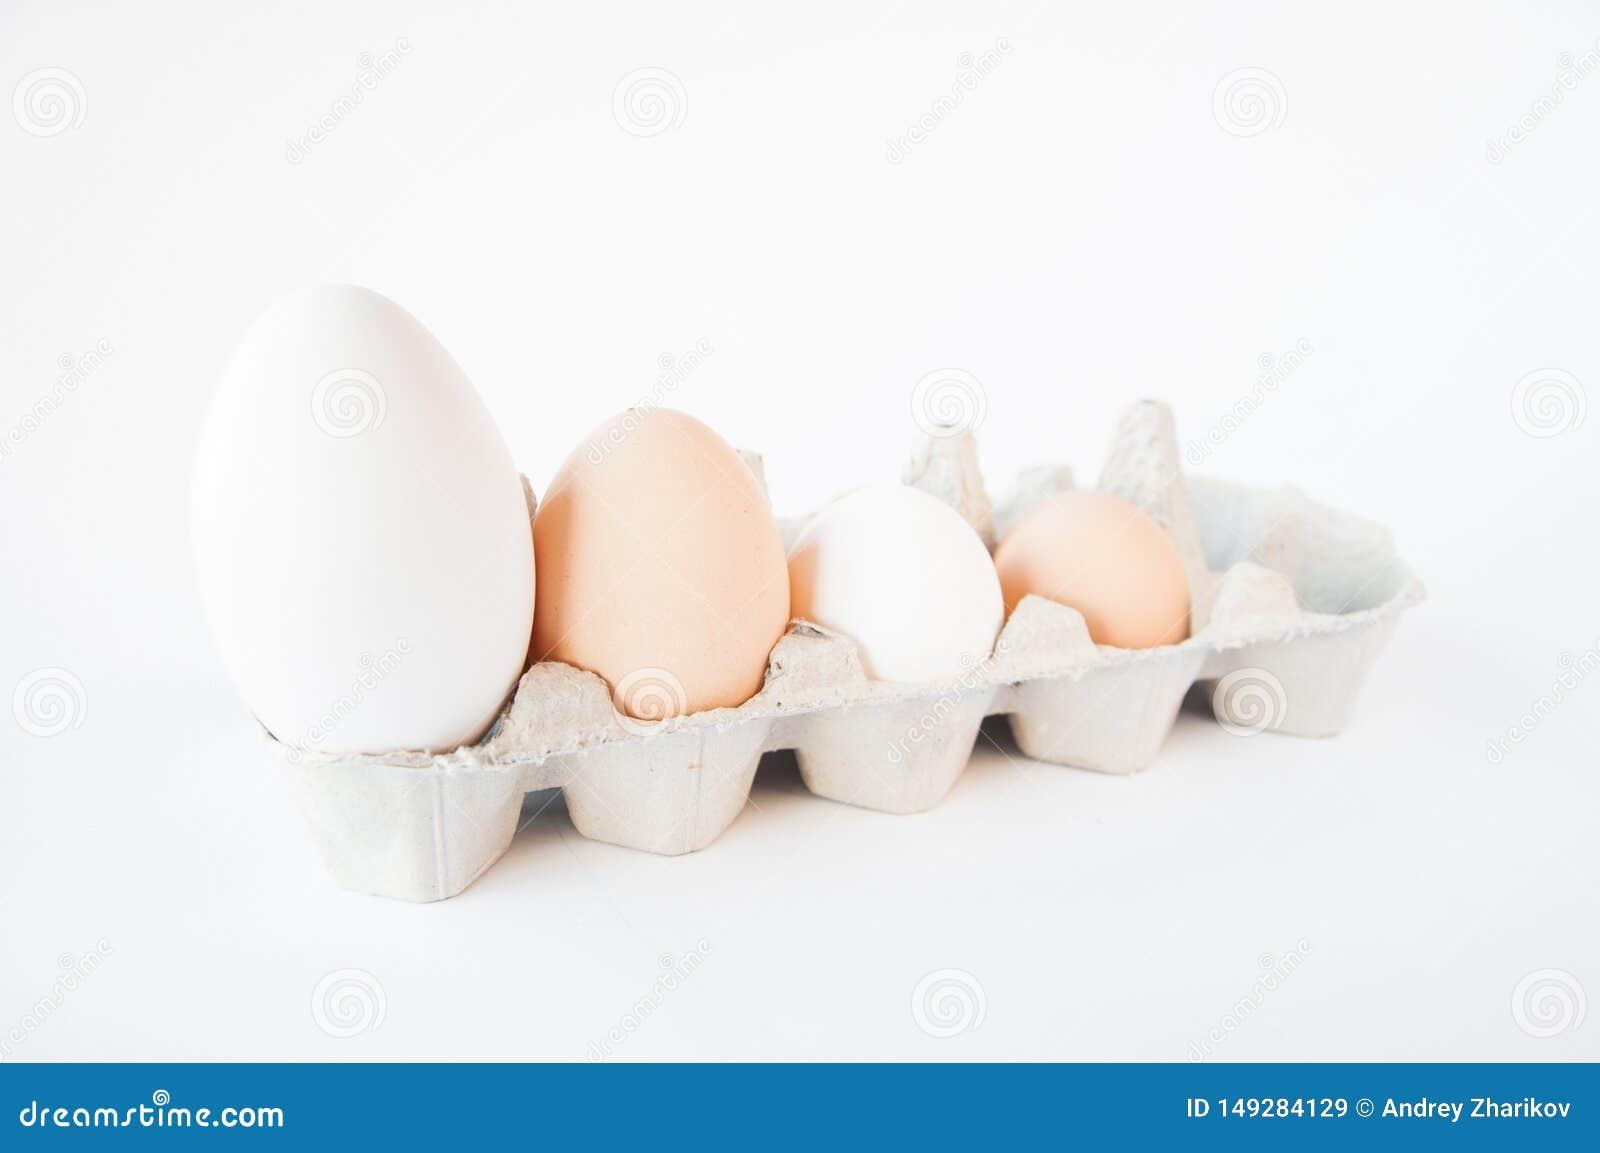 In einem kleinen Beh?lter sind vier Eier